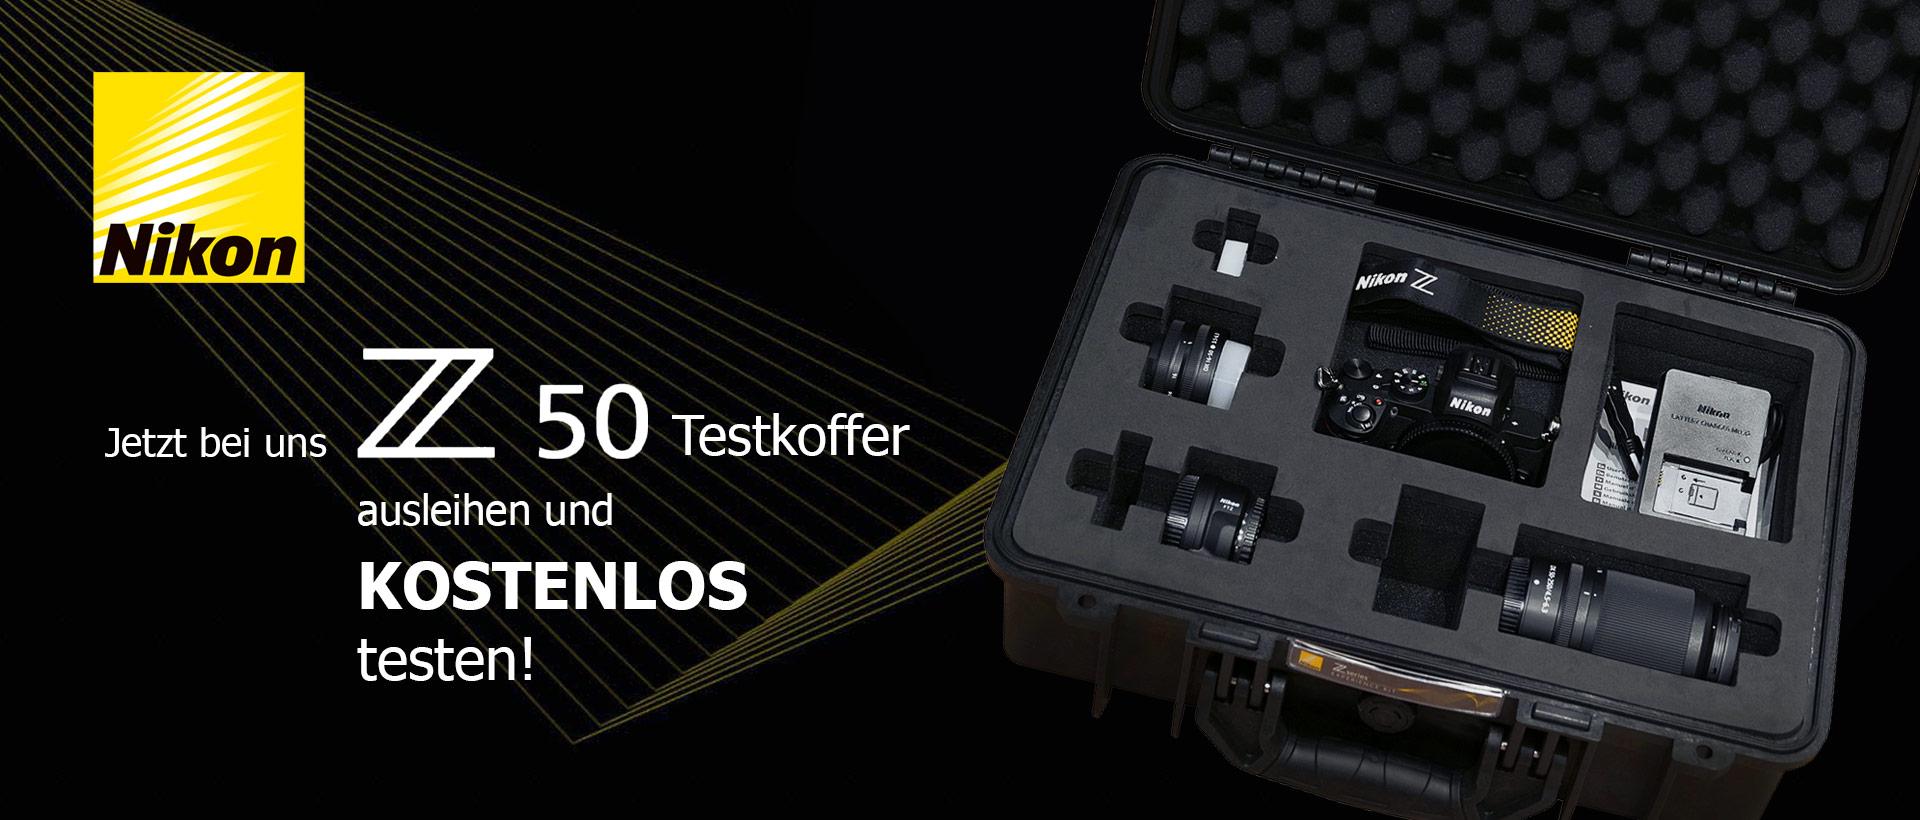 Nikon Z50 Leihaktion - Nikon Z50 Testkoffer kostenlos ausleihen!